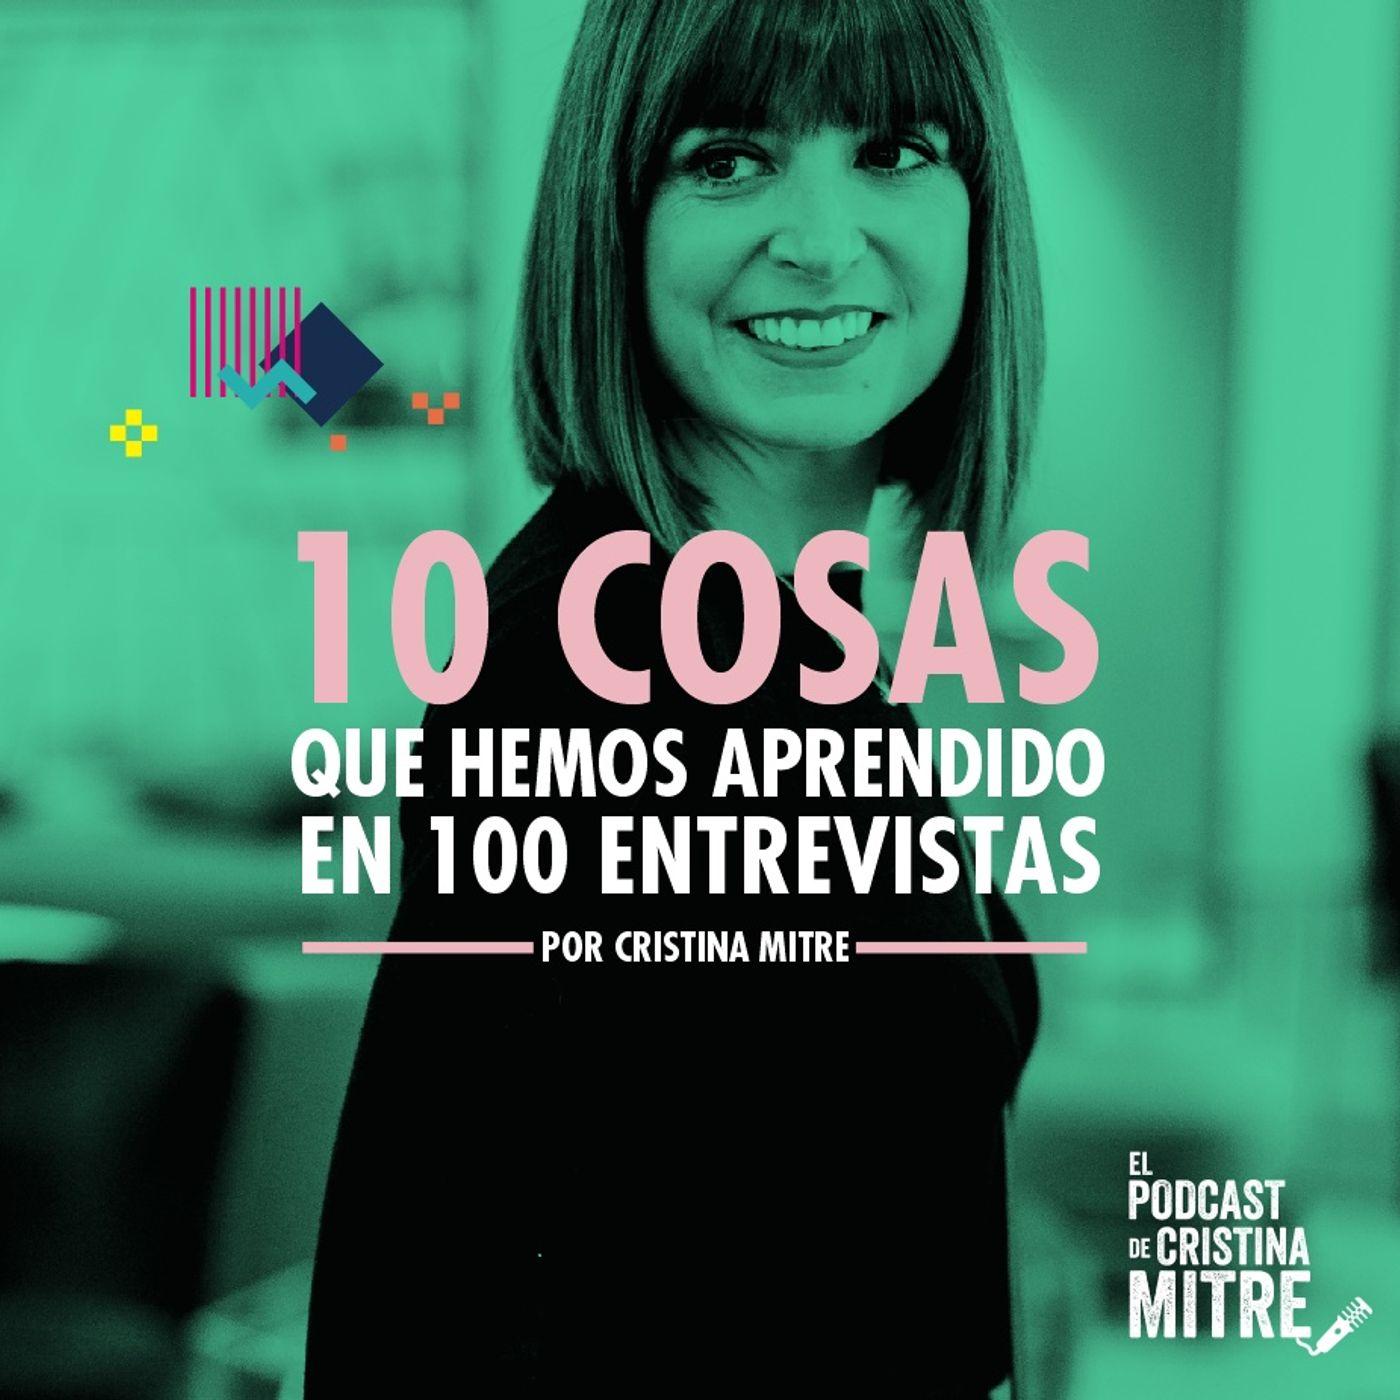 10 cosas que hemos aprendido en 100 entrevistas con Cristina Mitre.